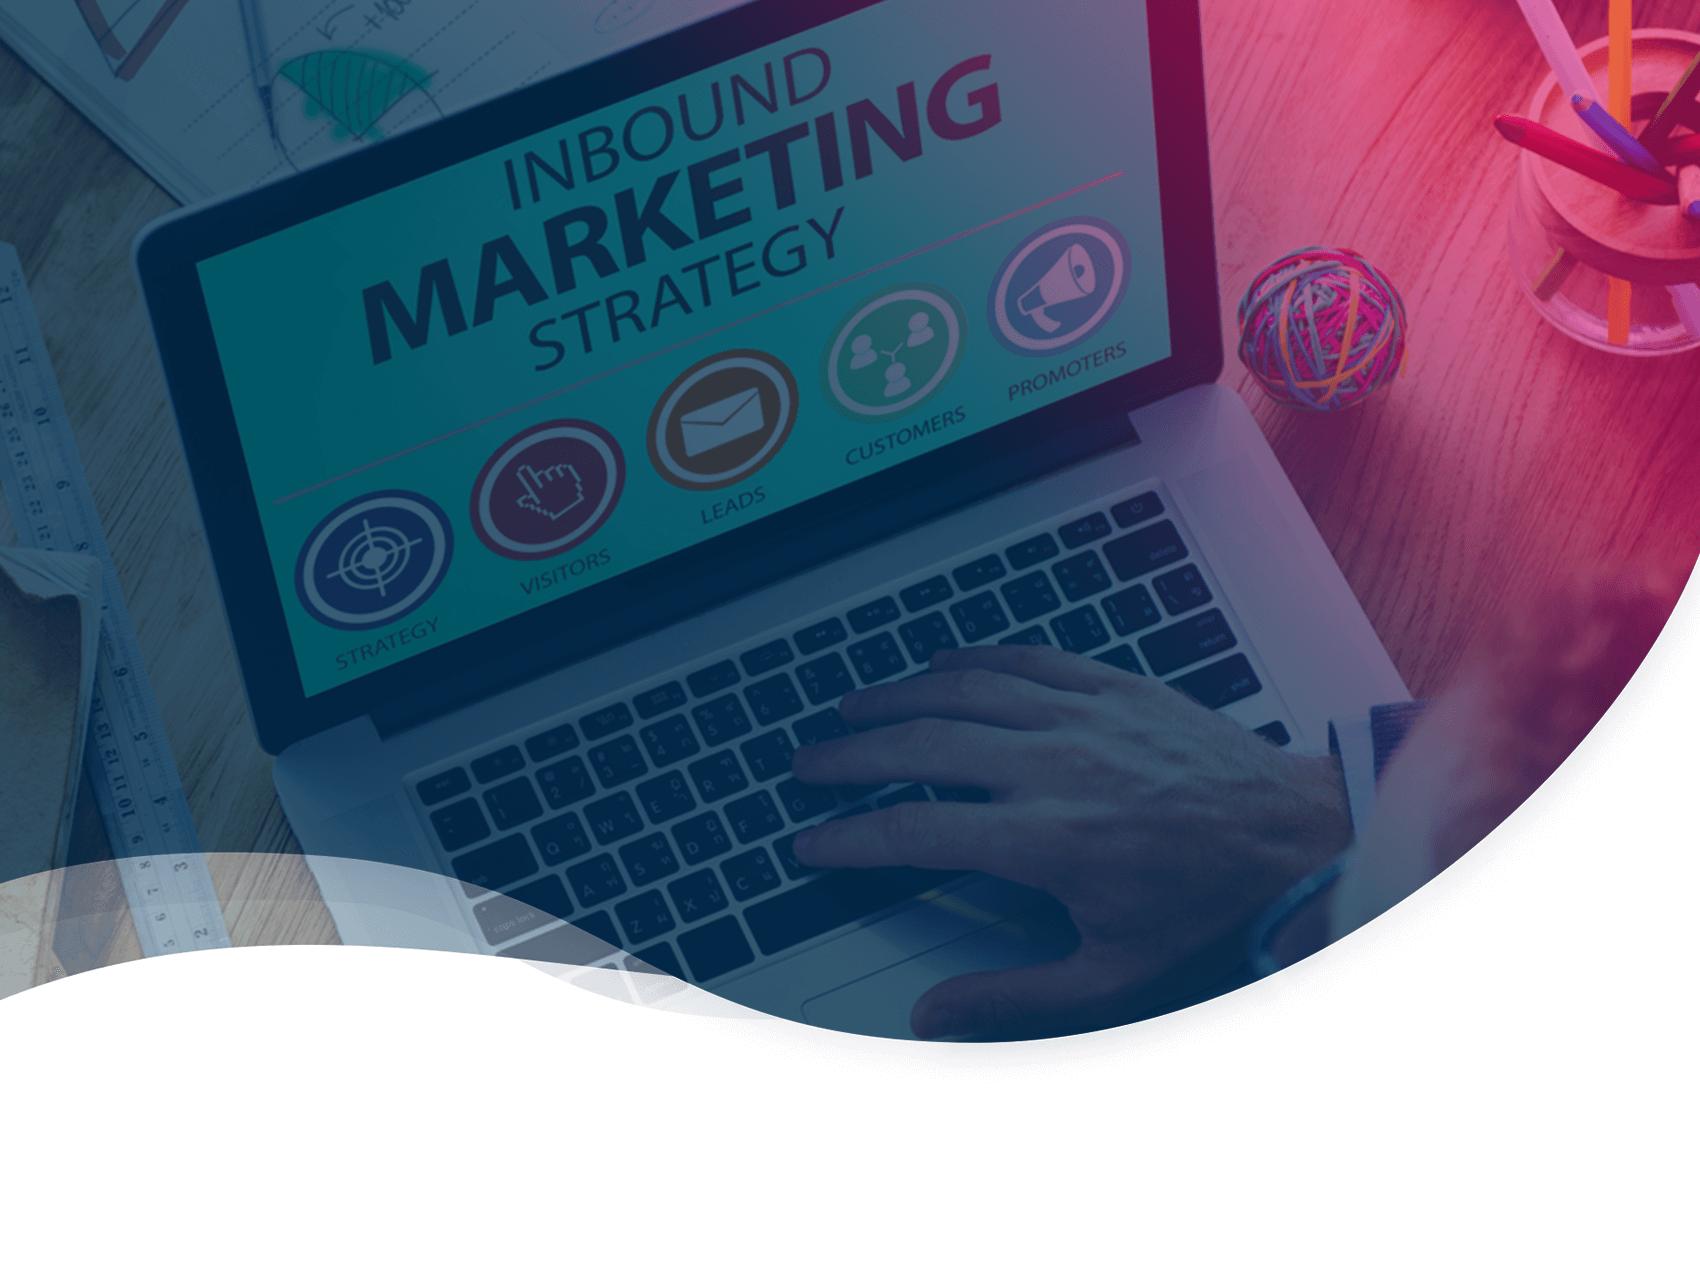 Inbound marketing vs content marketing: quelles sont les différences?